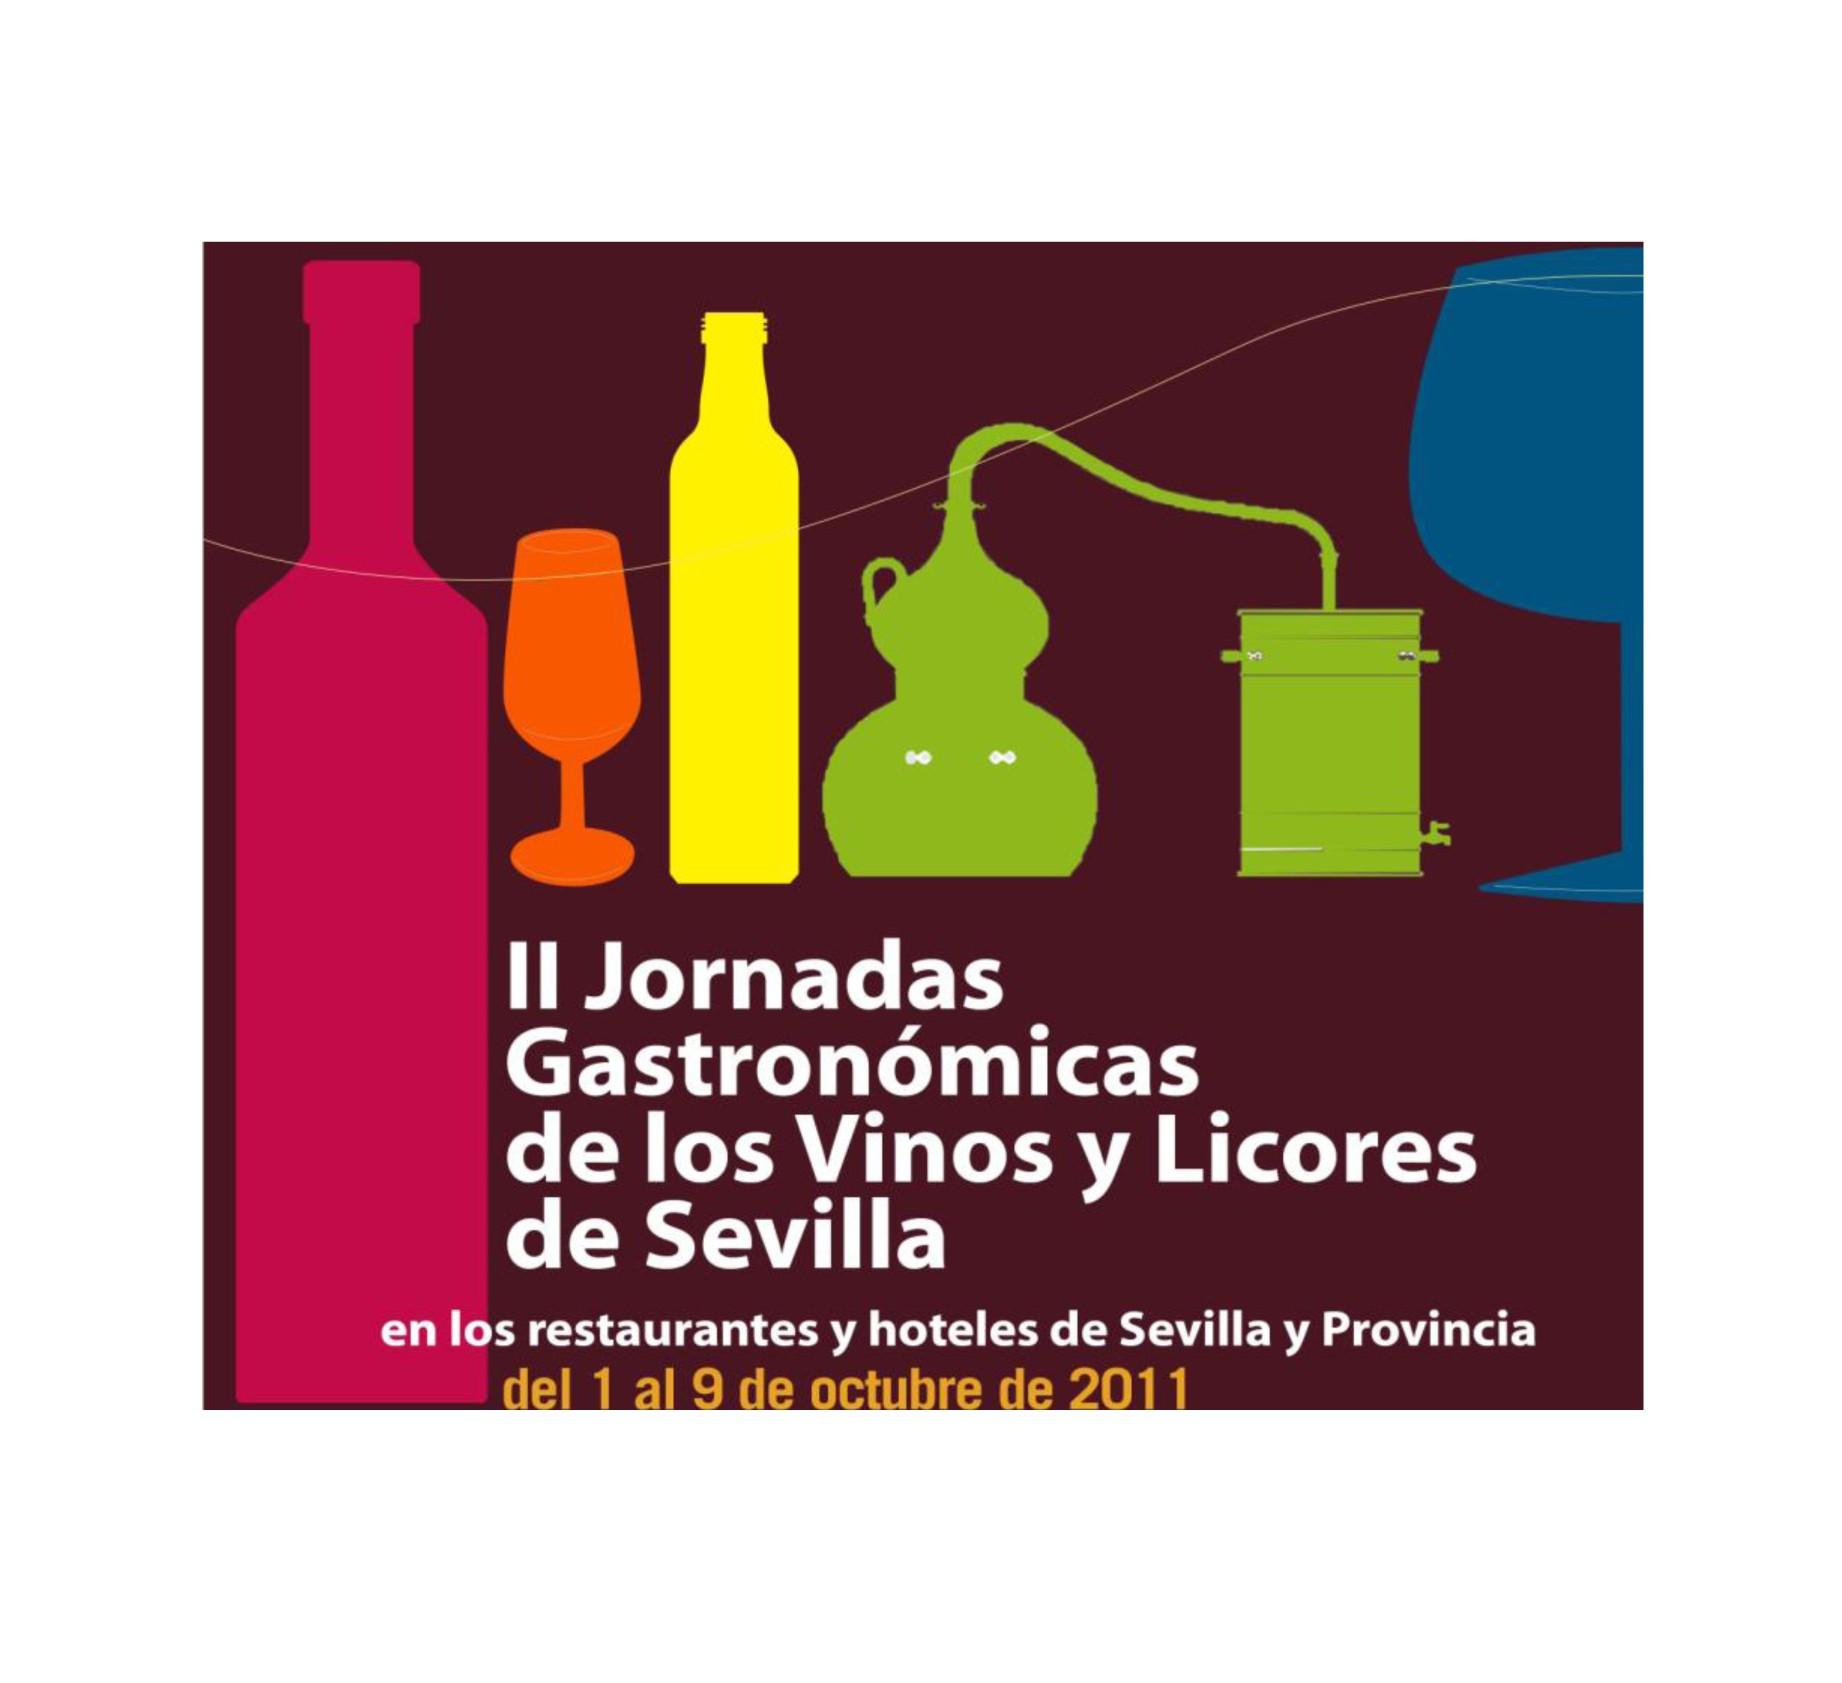 cartel Jornadas Gastronómicas de los Vinos y Licores de Sevilla